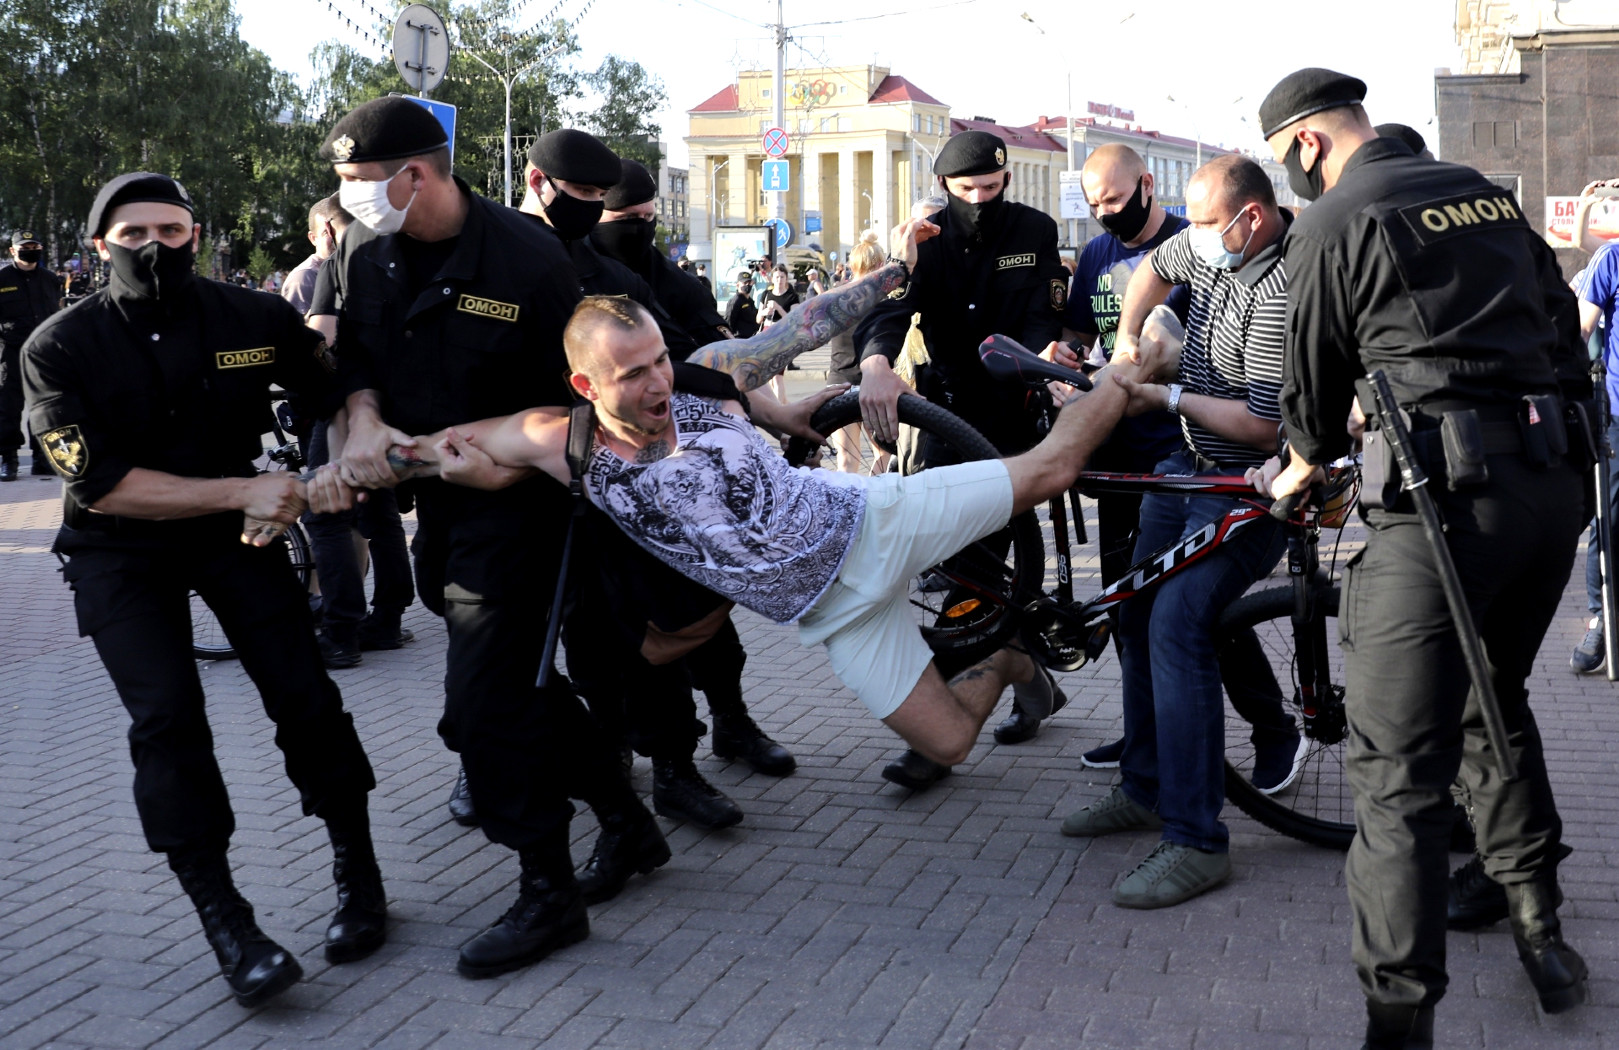 Dziennikarze stoj±cy w opozycji do £ukaszenki twierdz±, ¿e posiadaj± dane osobowe wszystkich funkcjonariuszy policji w Bia³orusi. Gro¿± ich ujawnieniem